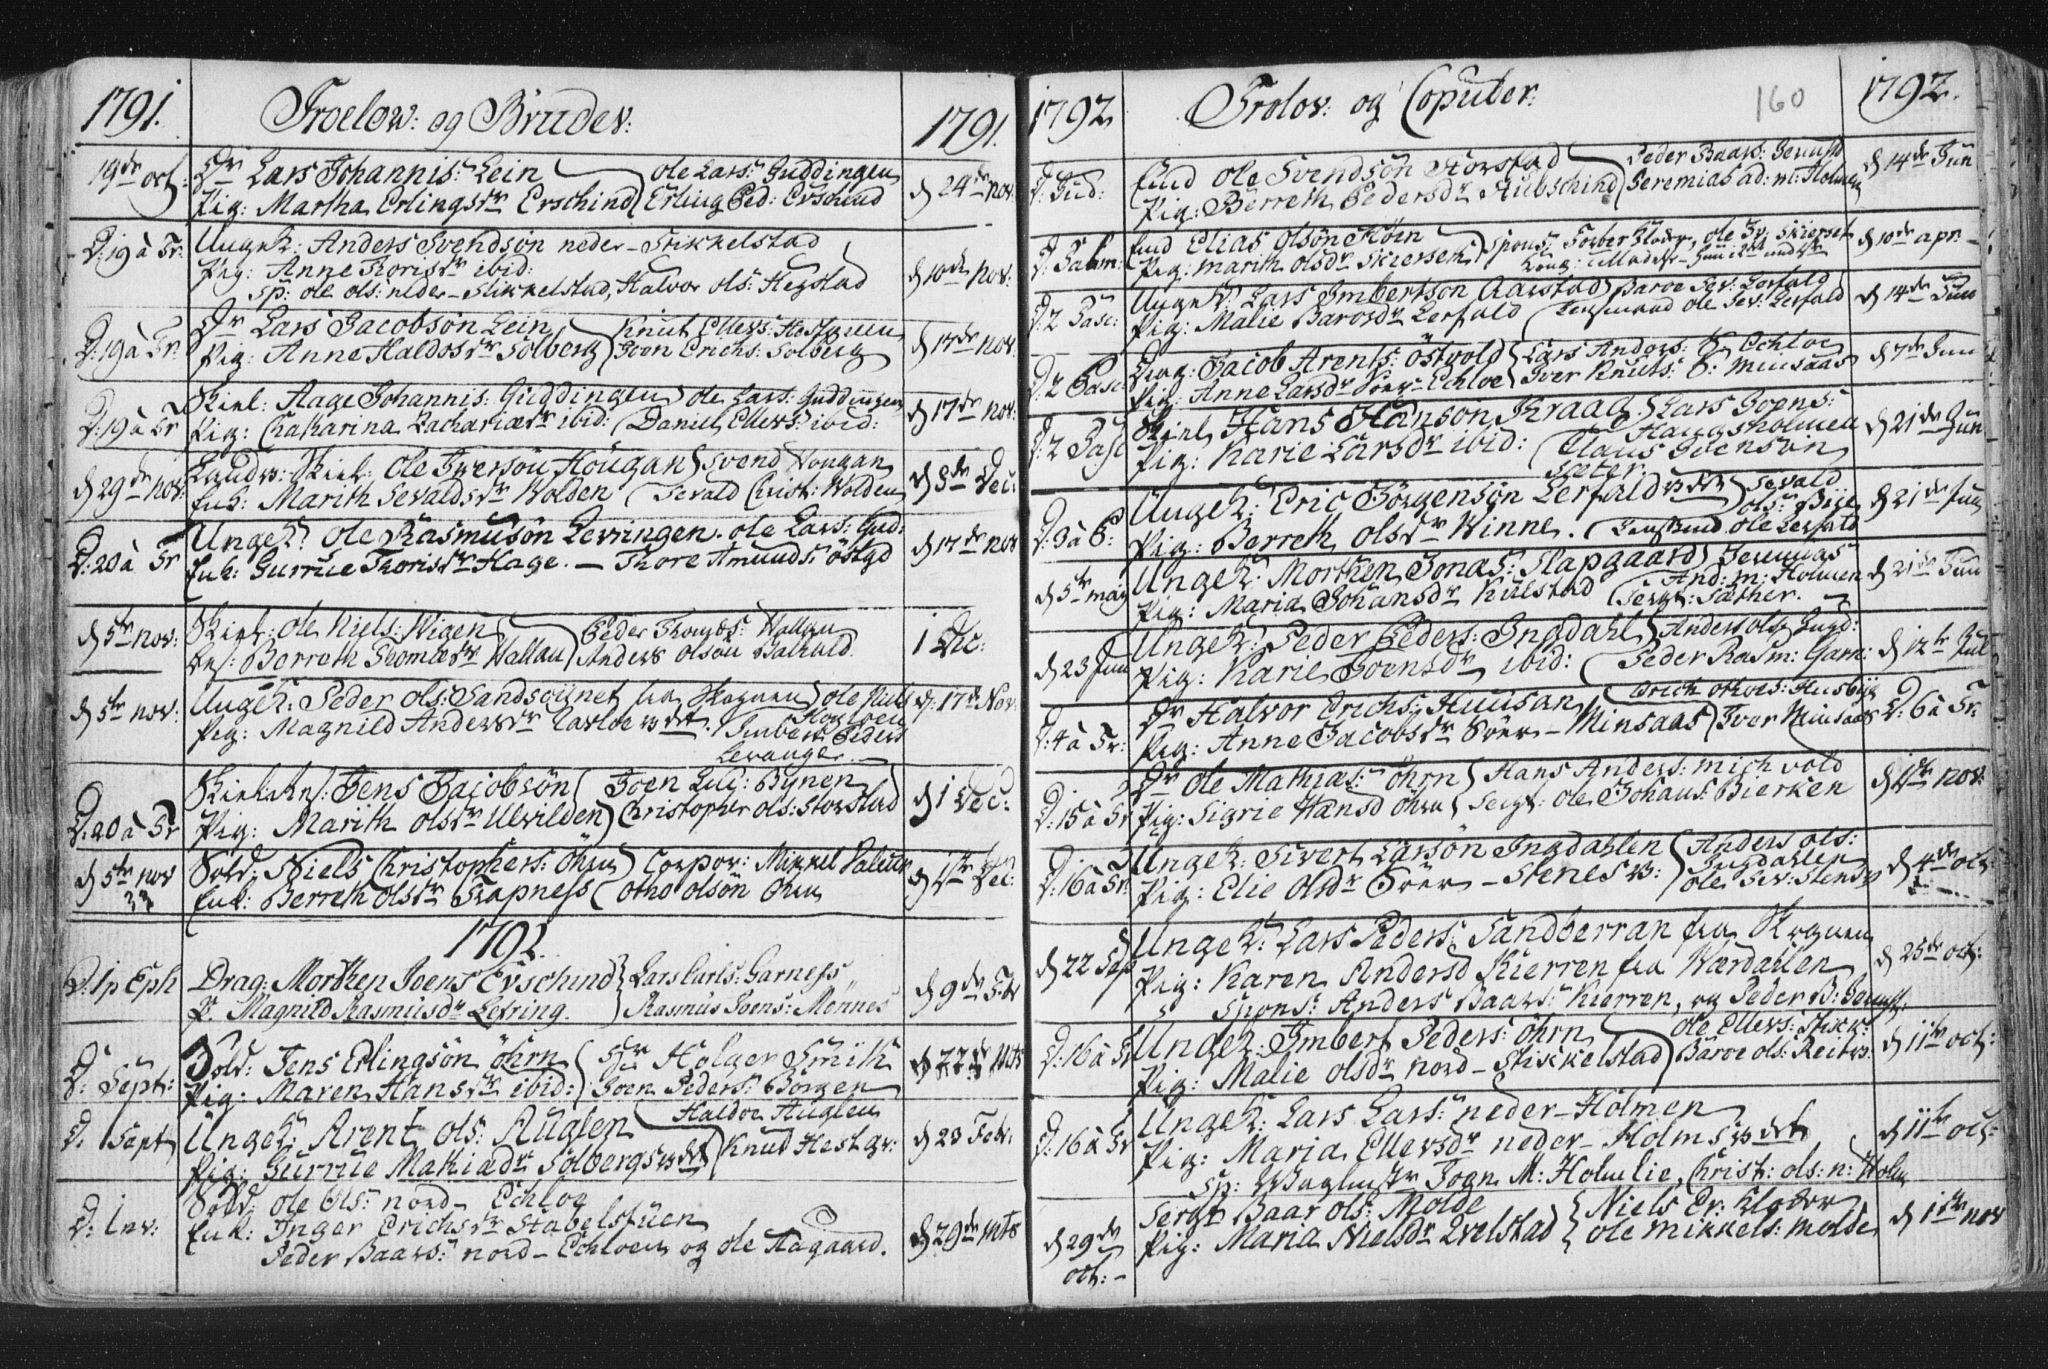 SAT, Ministerialprotokoller, klokkerbøker og fødselsregistre - Nord-Trøndelag, 723/L0232: Ministerialbok nr. 723A03, 1781-1804, s. 160